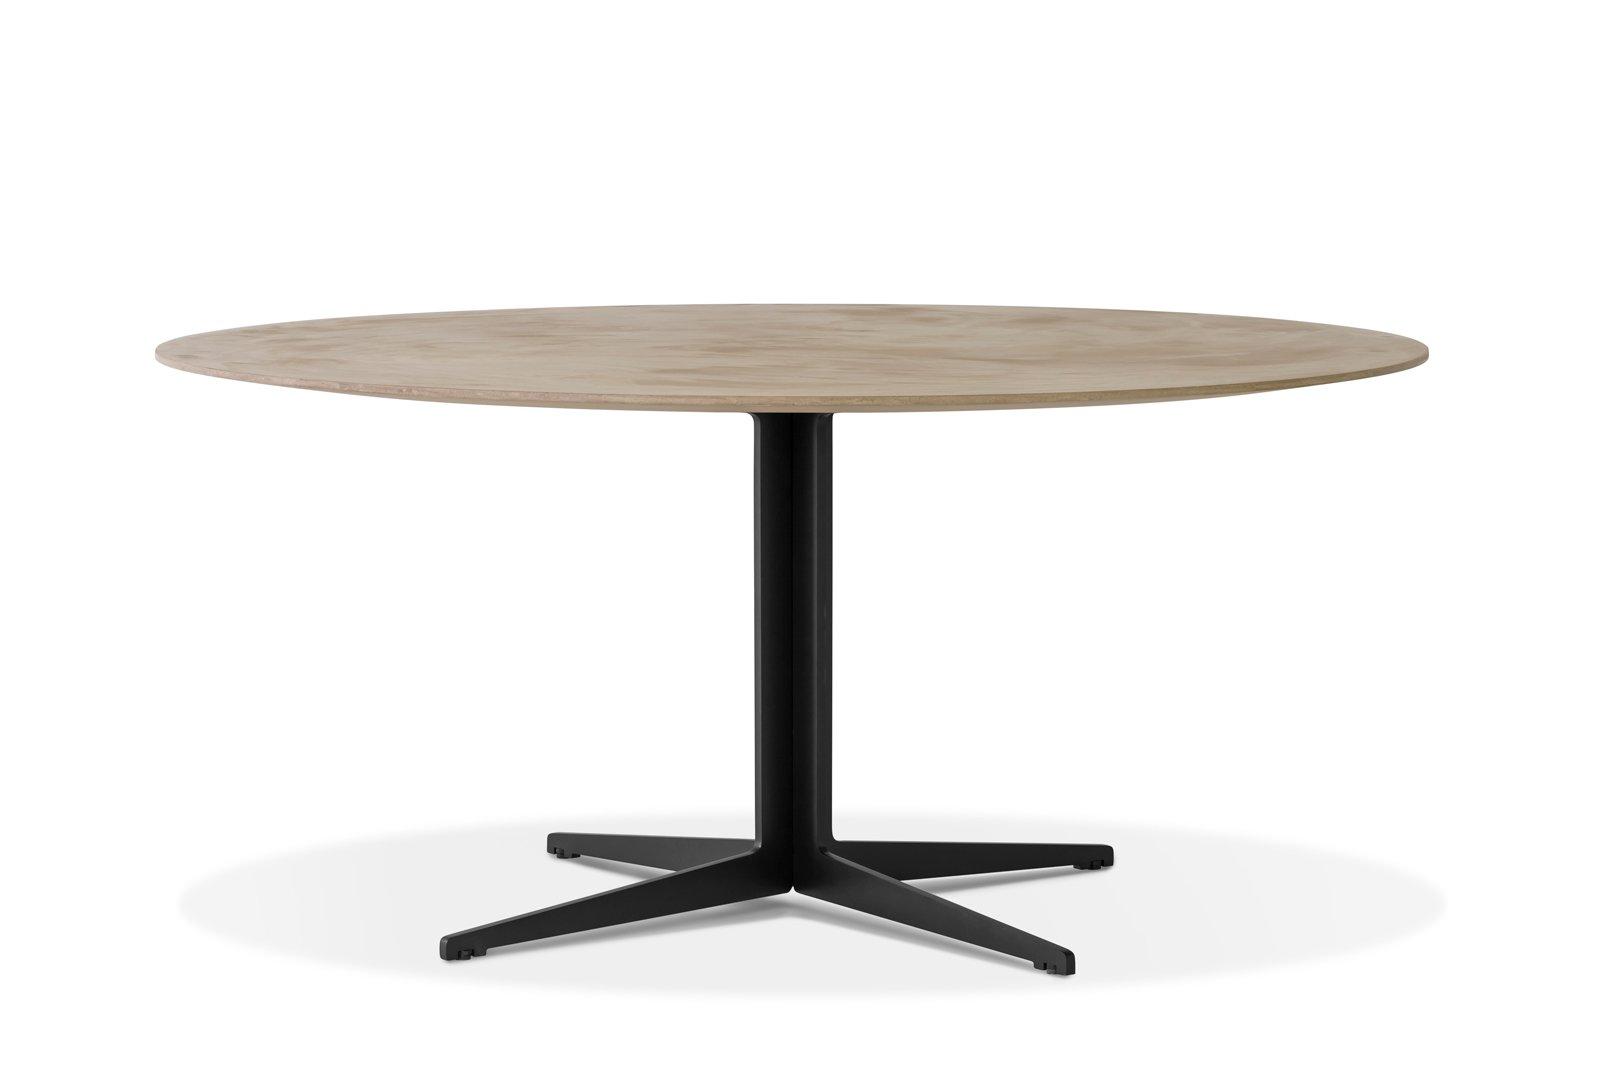 Tavolo Piano Sottile Kronos : I mille volti del tavolo al salone mobile cose